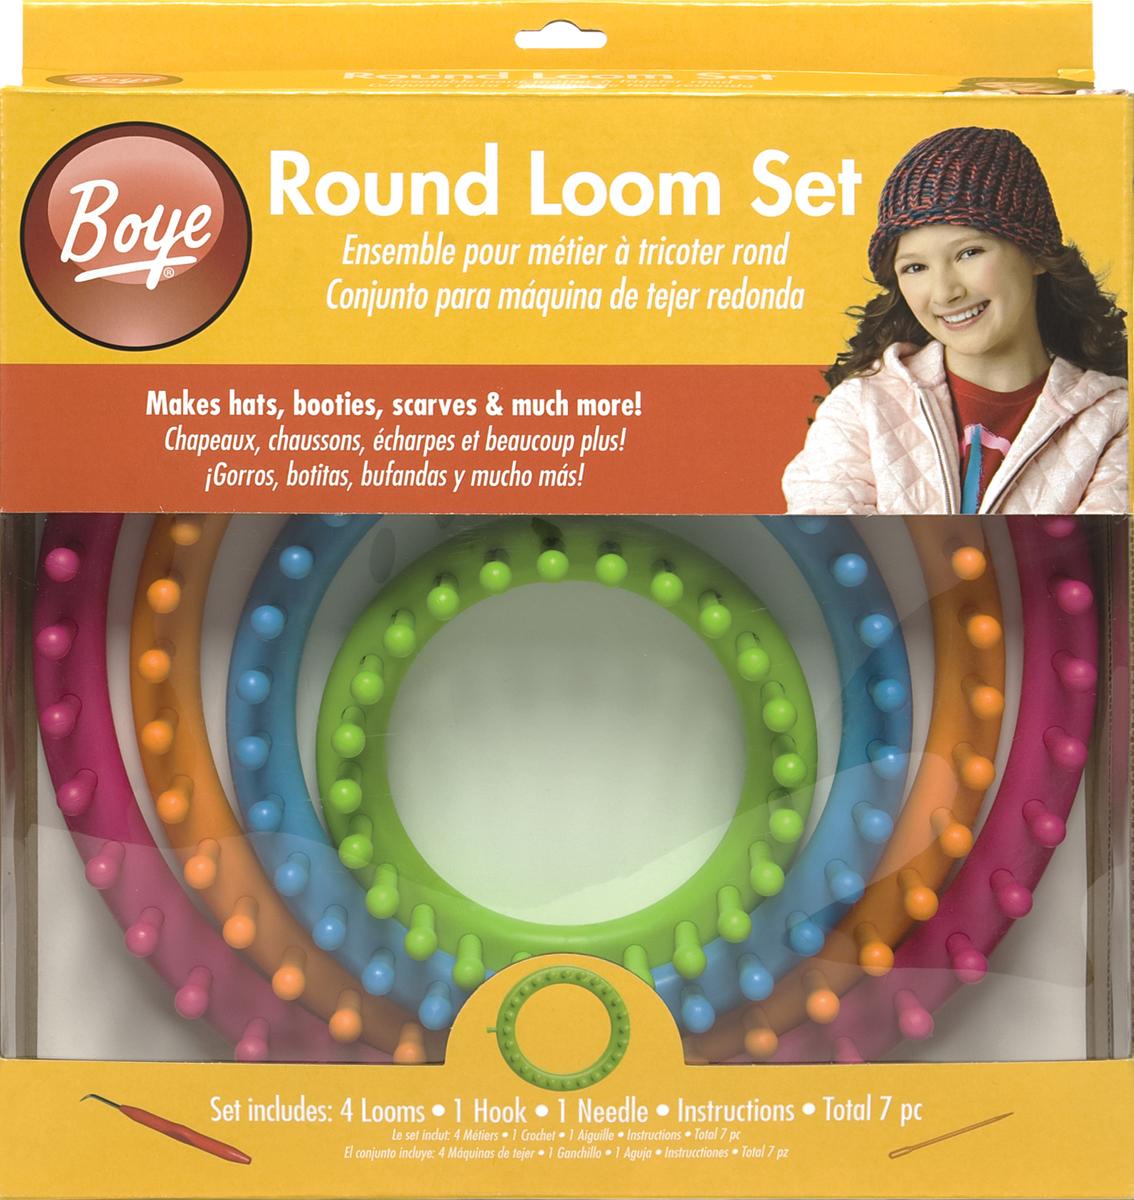 Boye Round Loom Set, 7 pc.